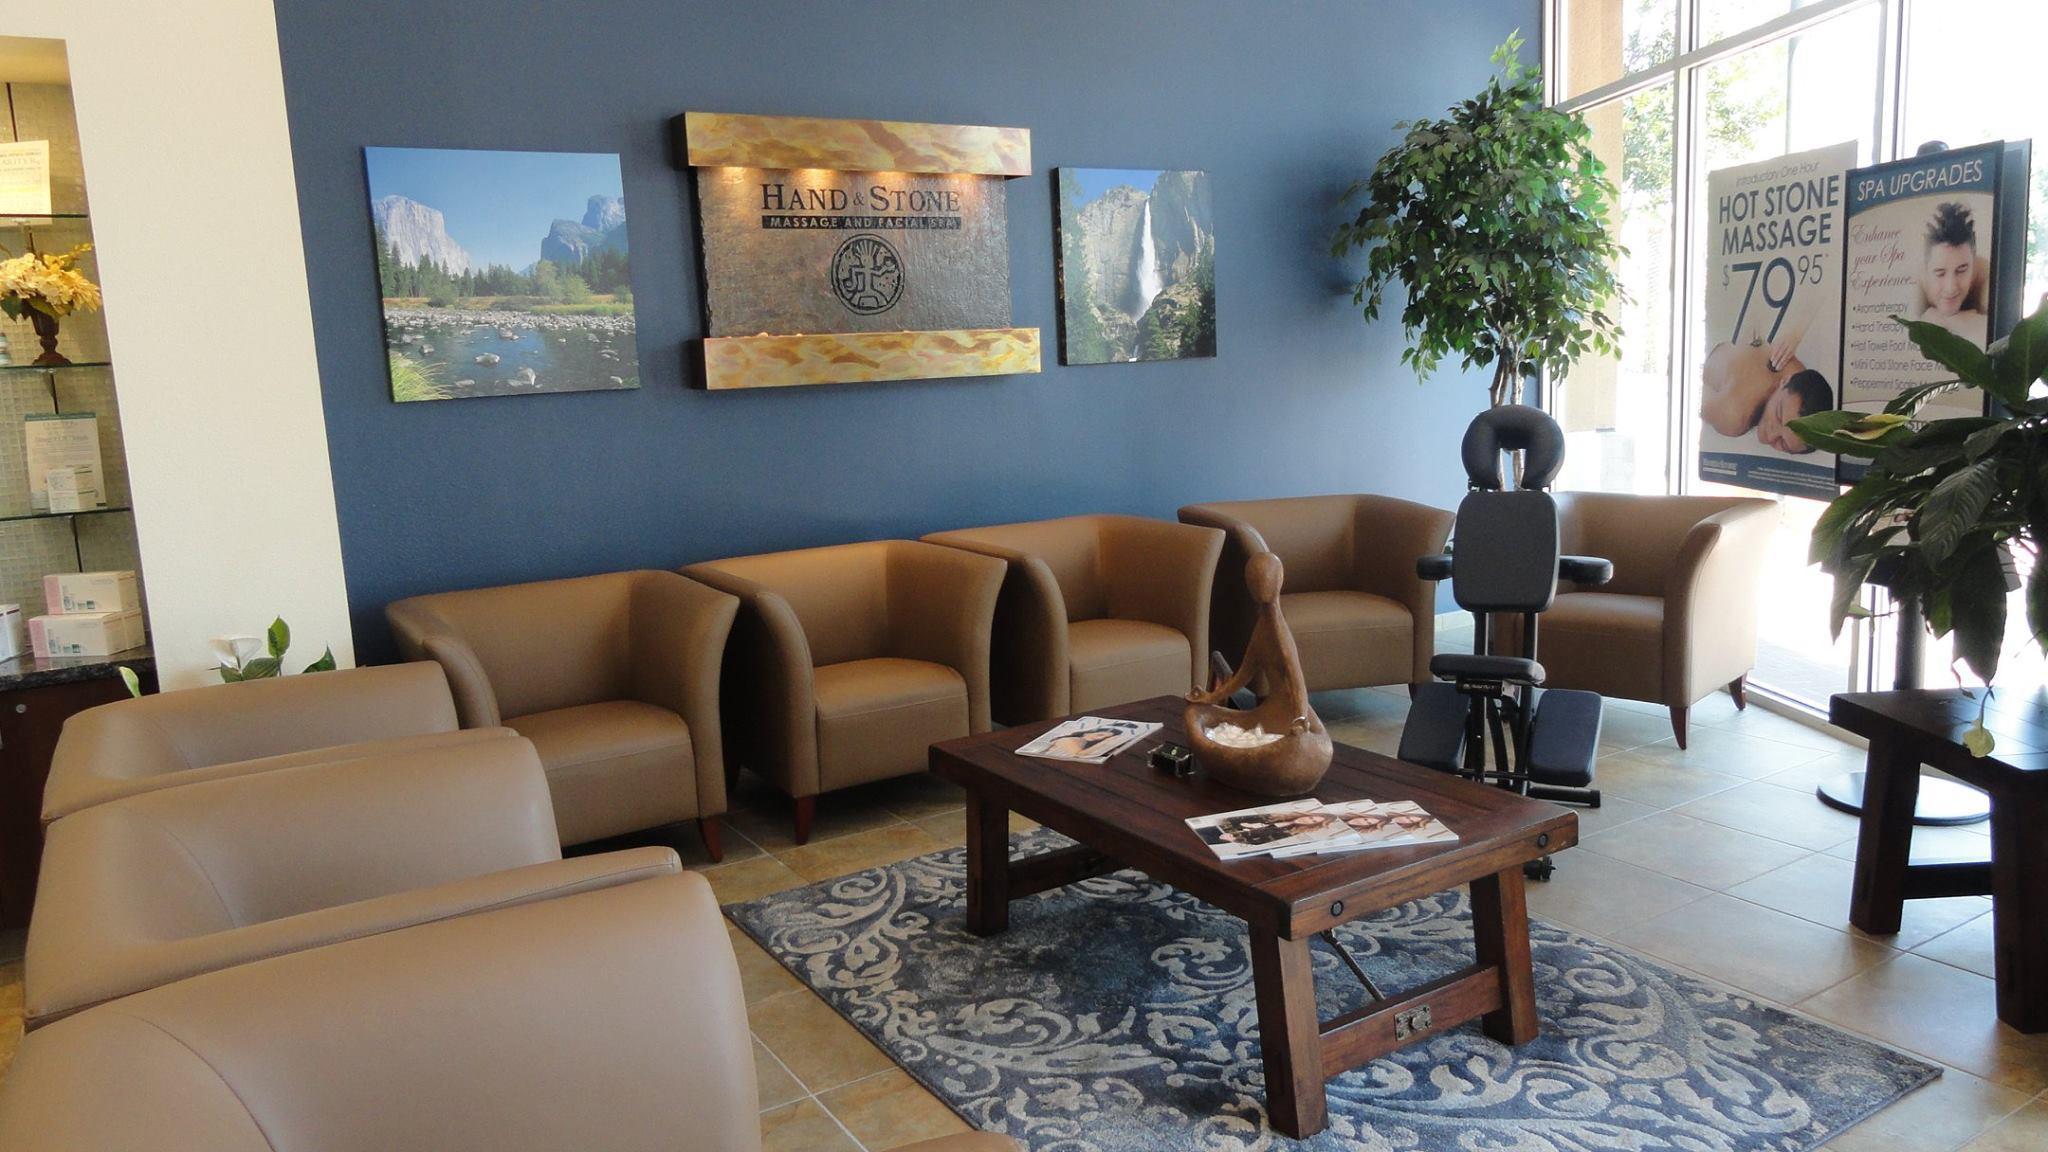 Hånd Stone massage og ansigtsbehandling Spa, Fresno Californien Ca-7738